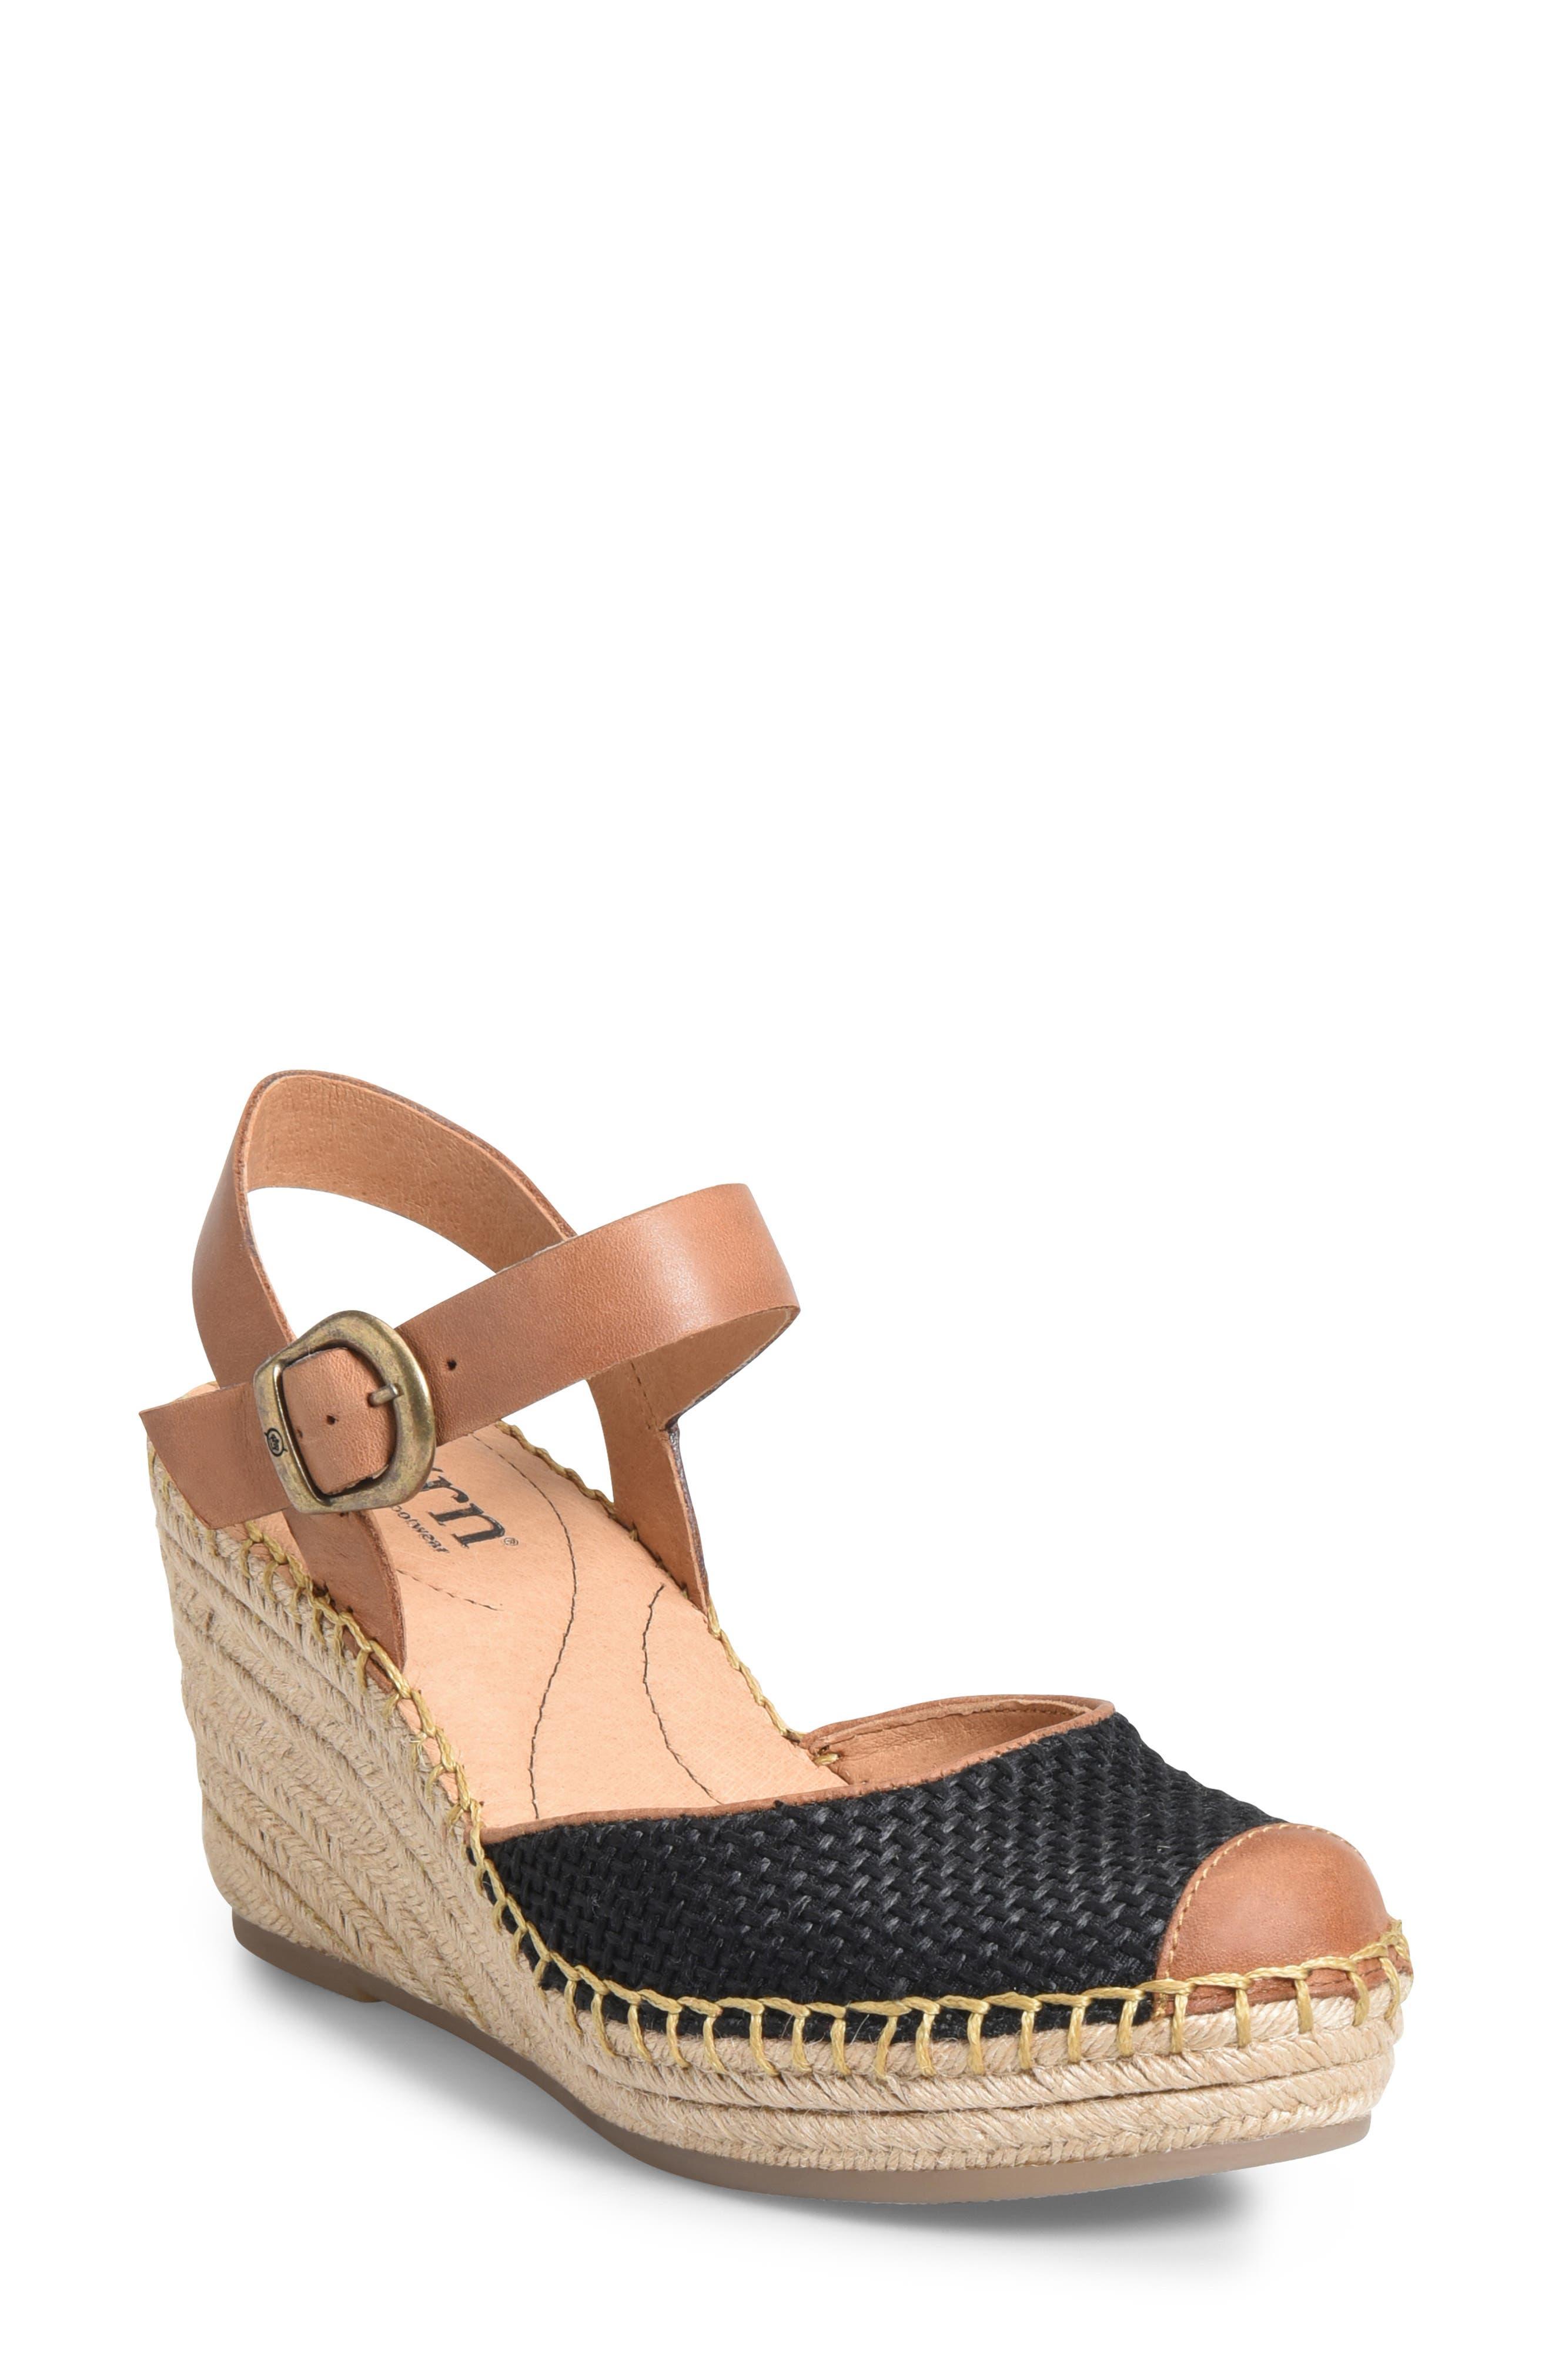 B?rn Guadalupe Wedge Sandal, Black